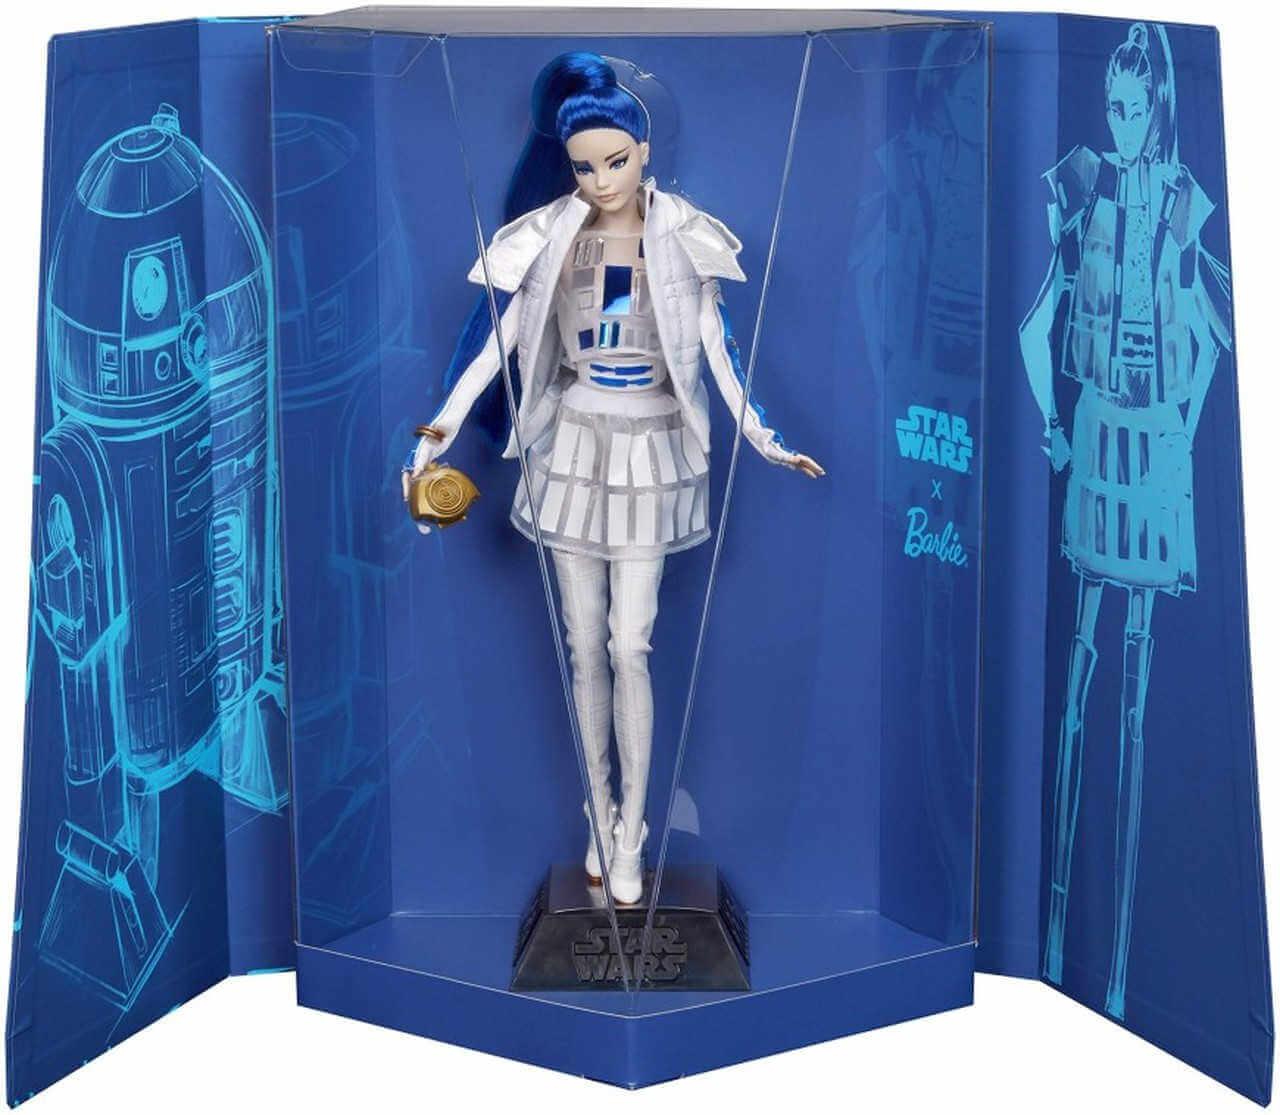 Barbie star wars r2d2 en caja